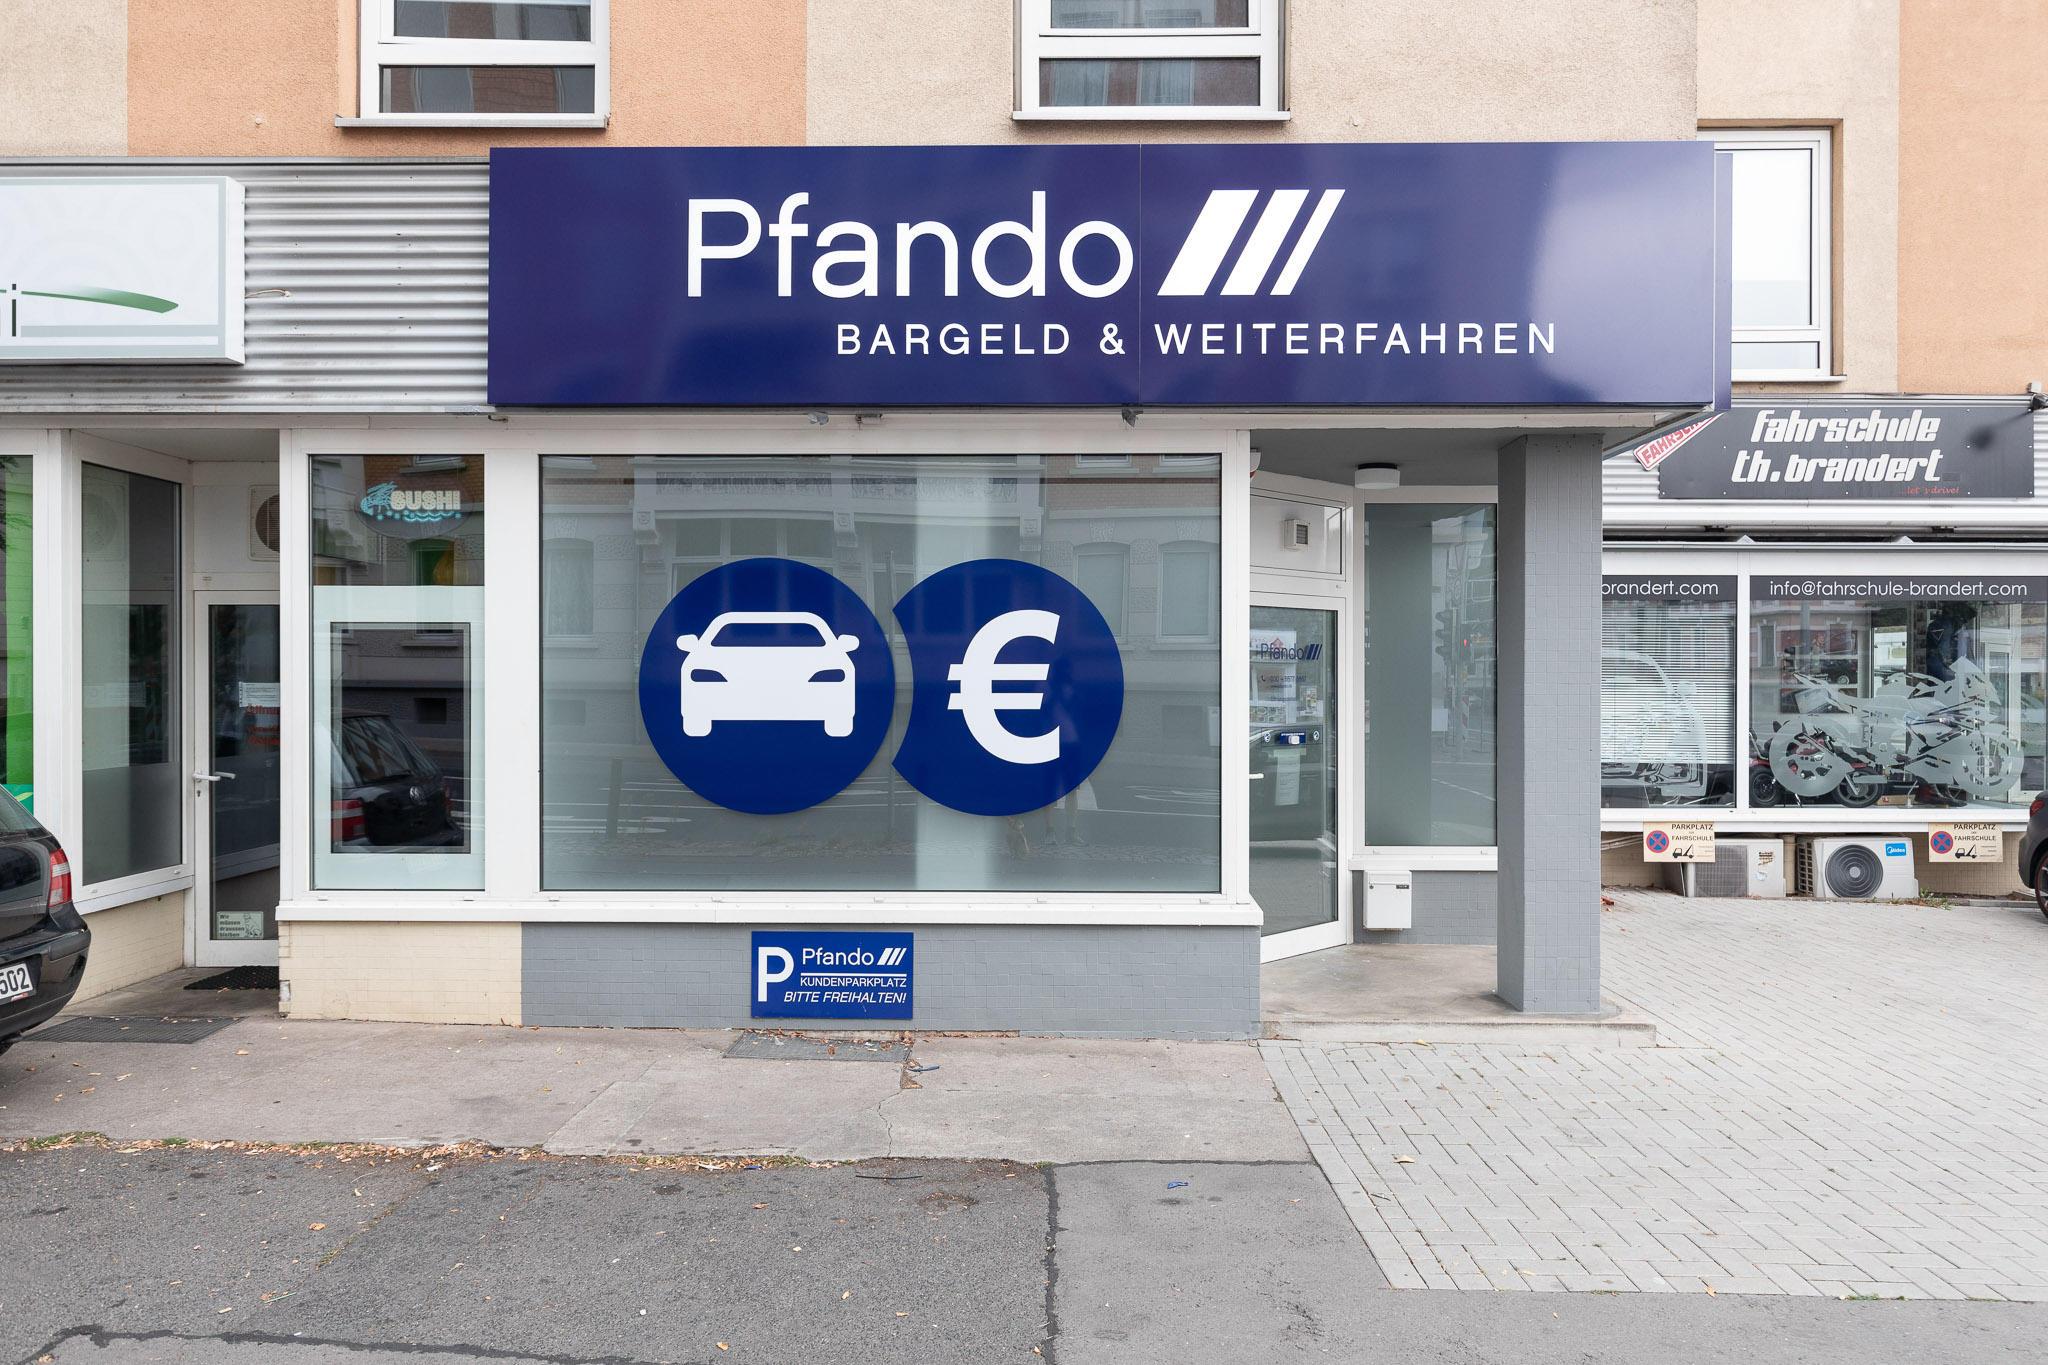 Pfando - Kfz-Pfandleihhaus Braunschweig